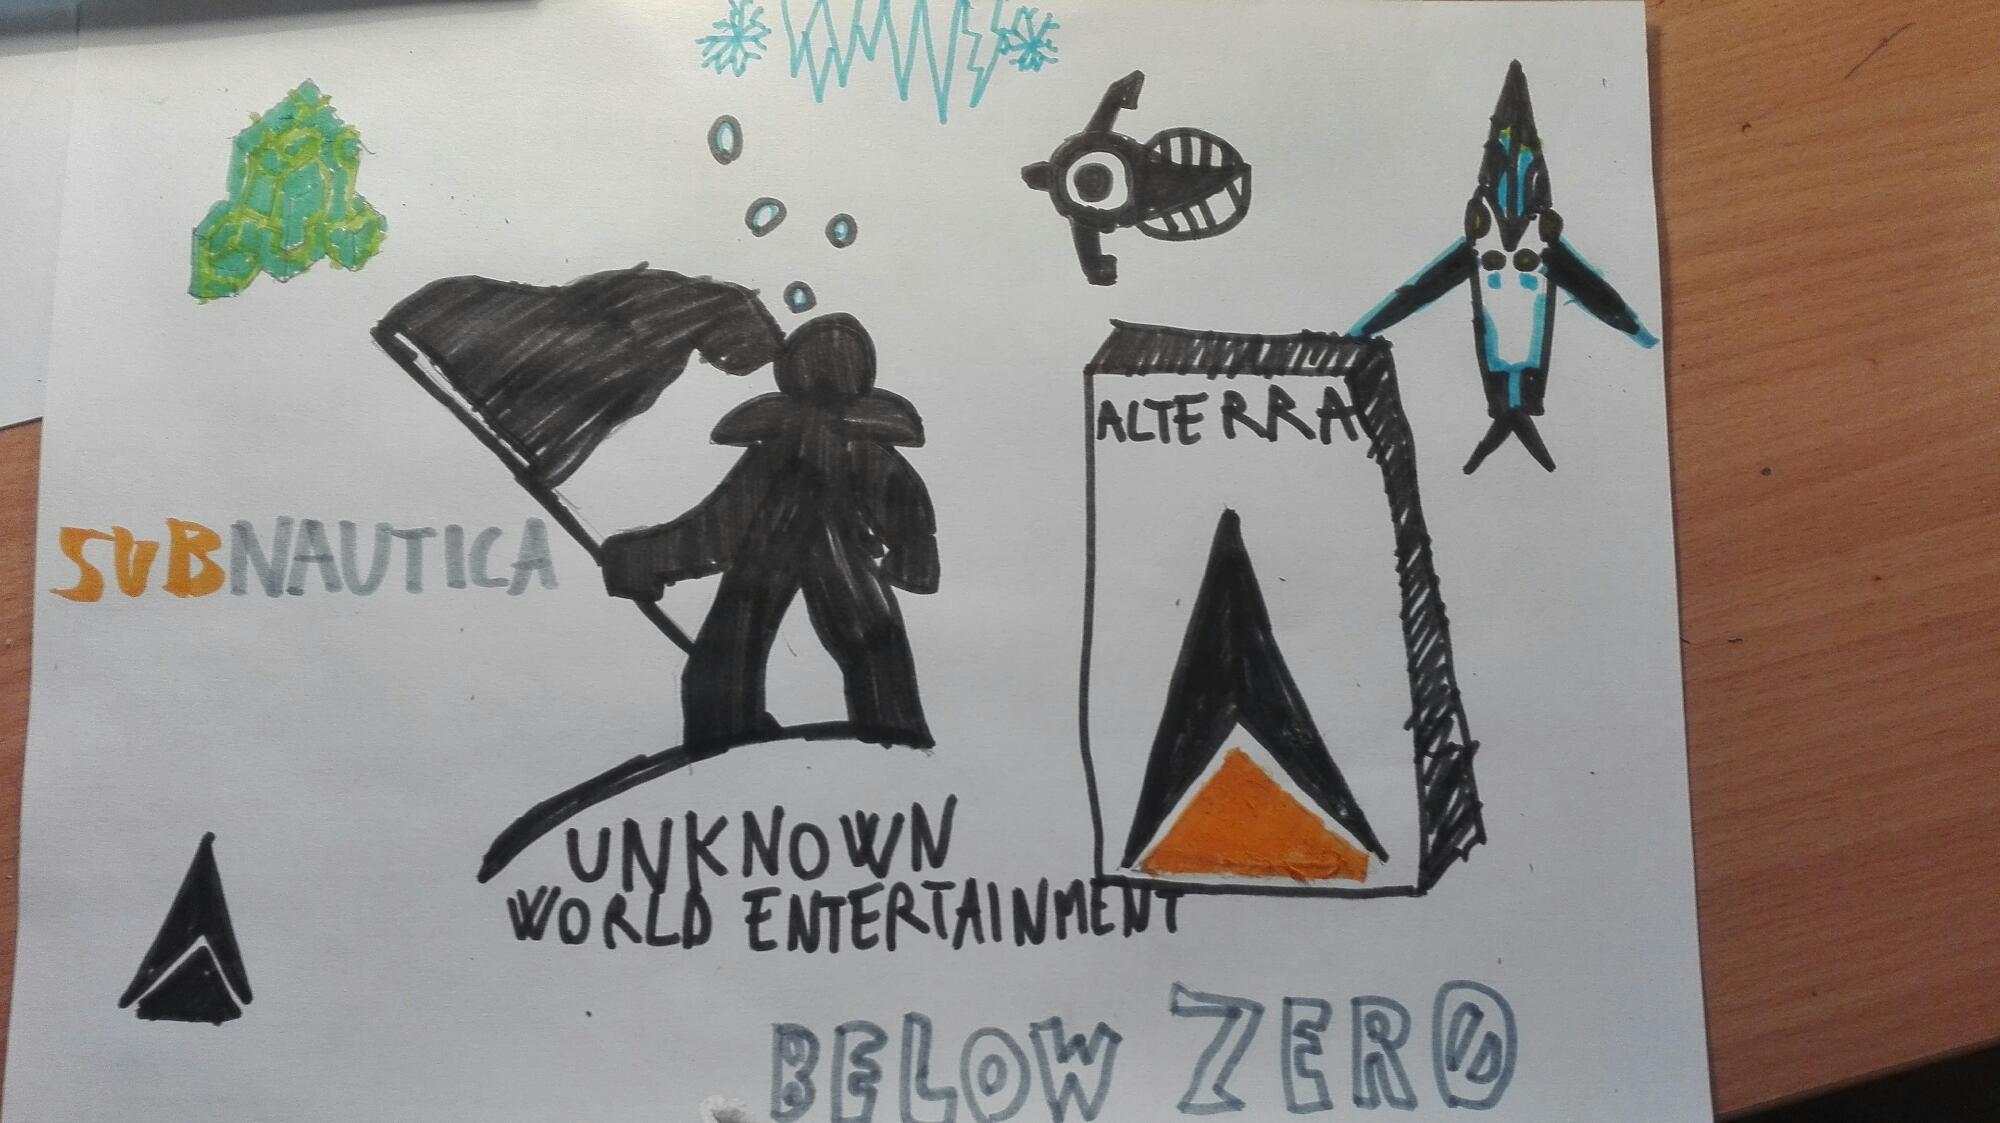 #UnknownWorlds #Alterra